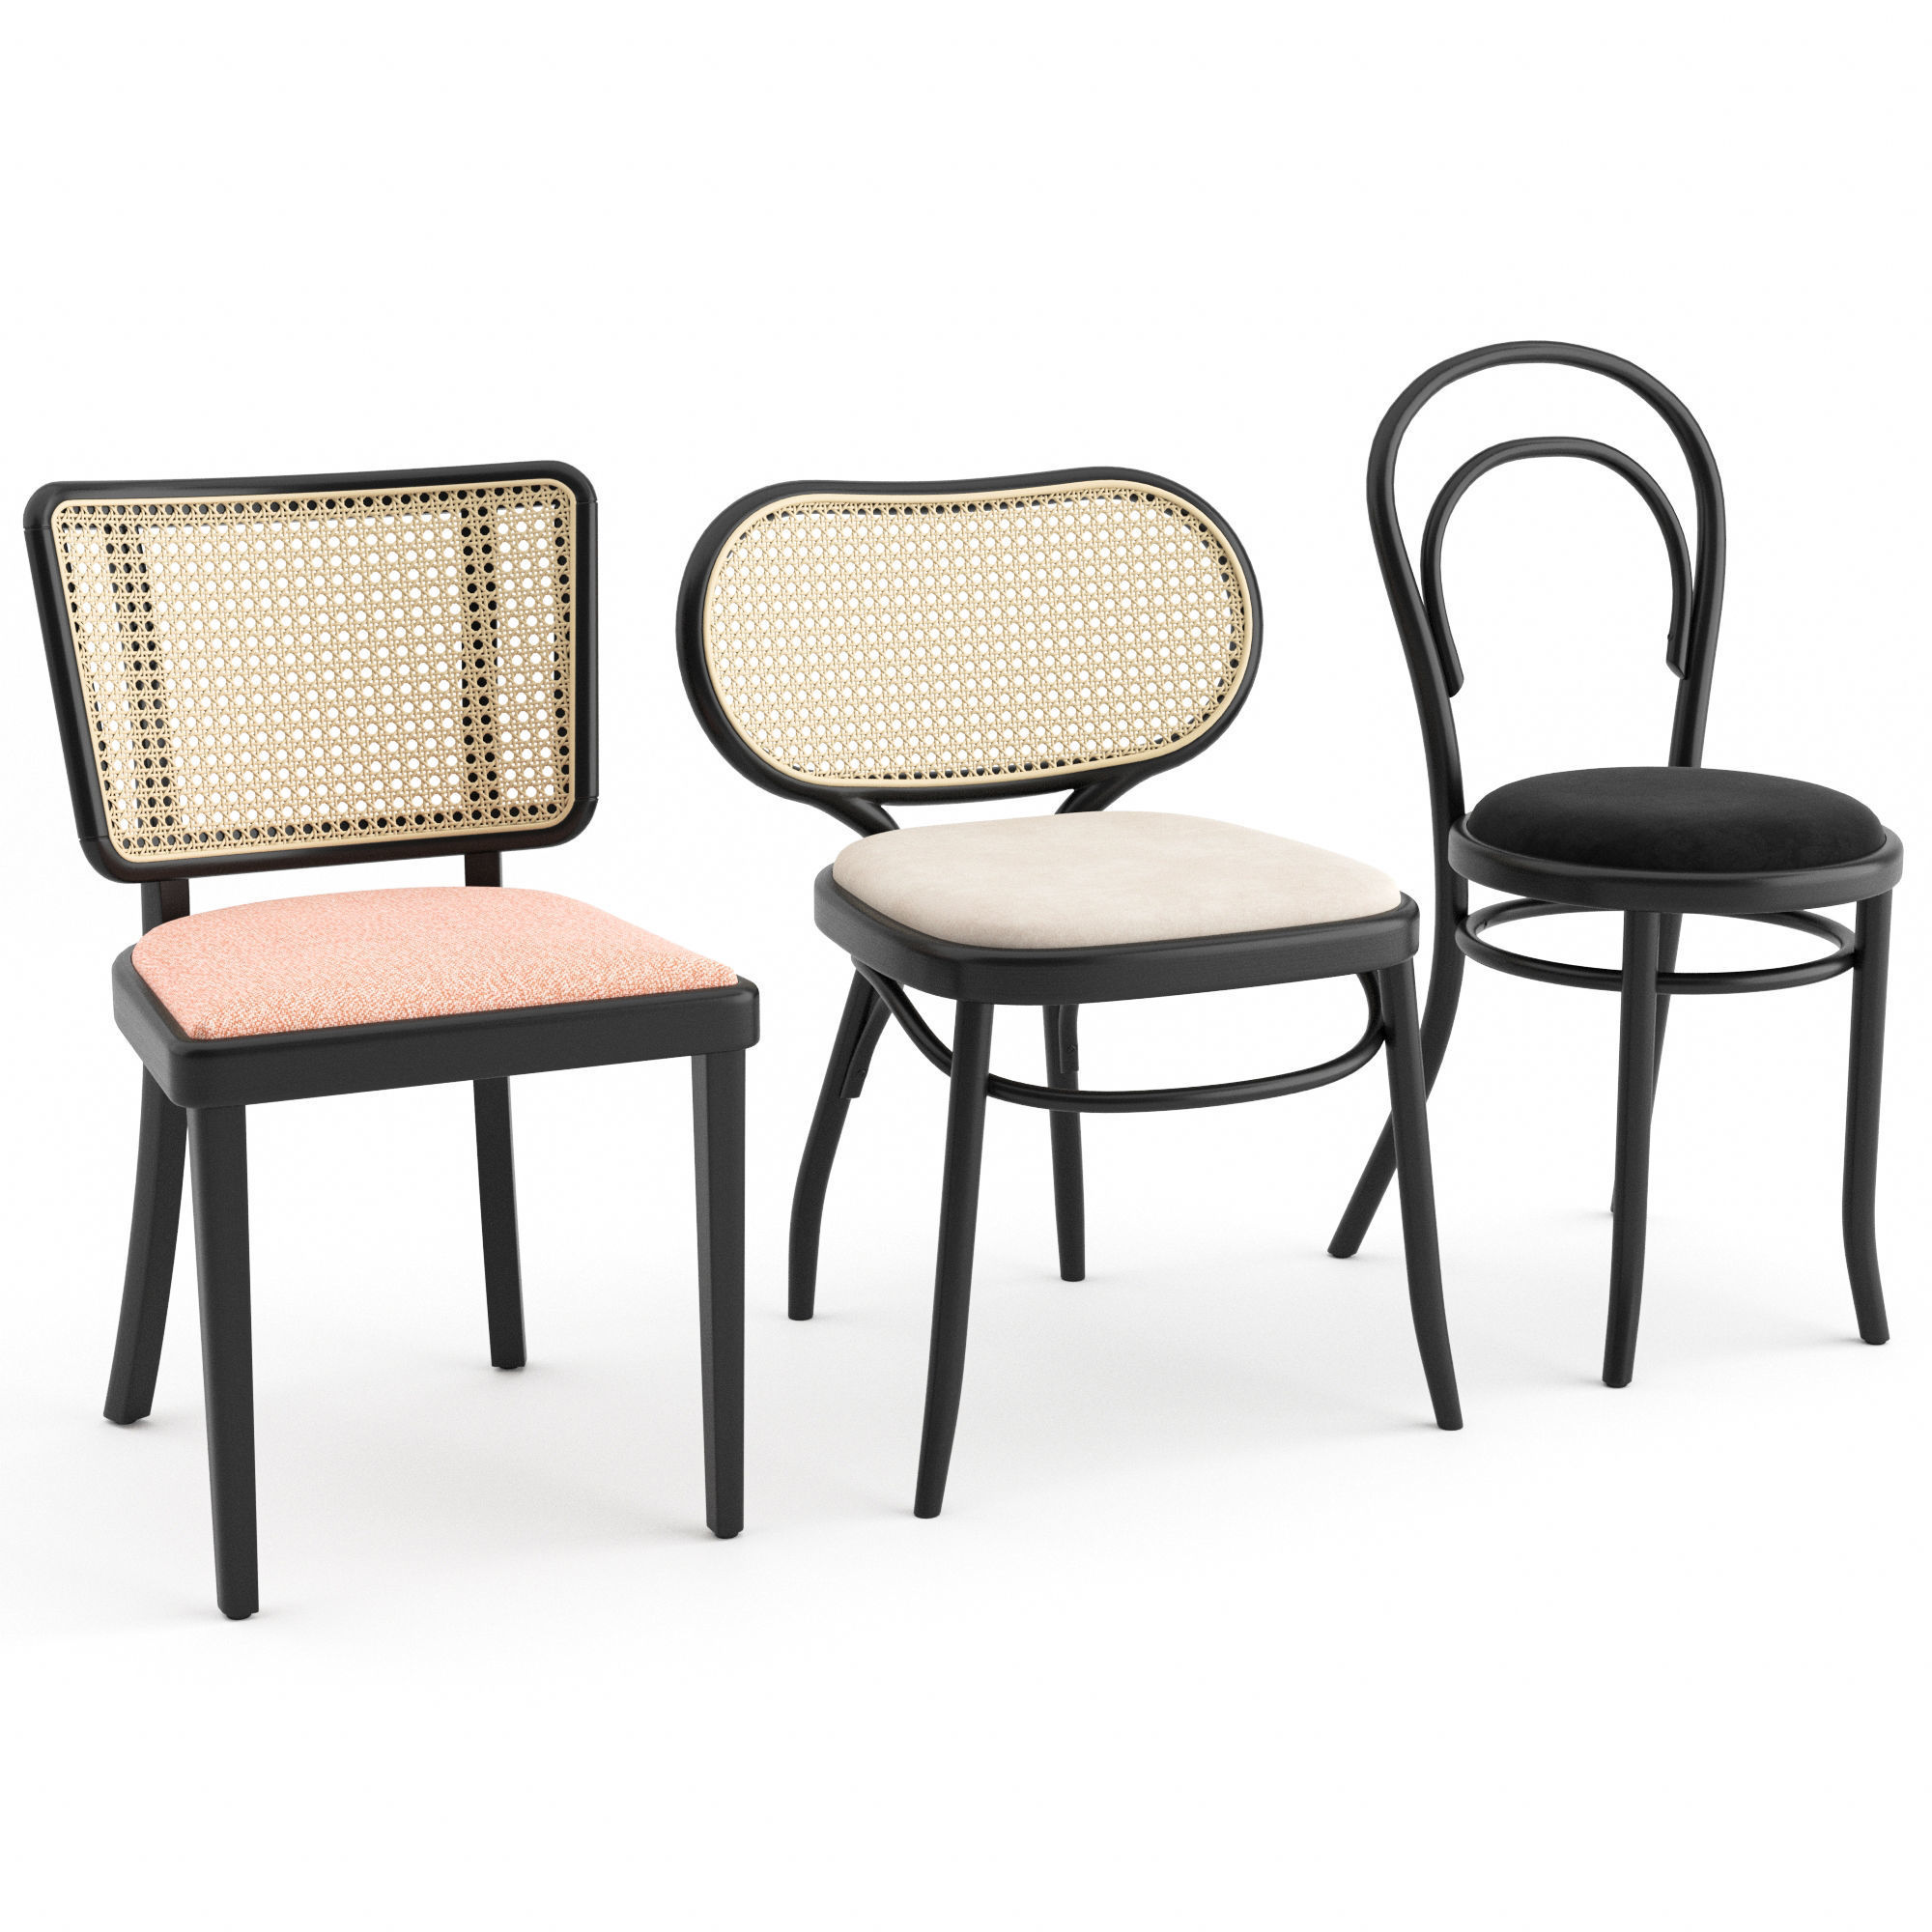 3 Chair by Gebrueder Thonet Vienna